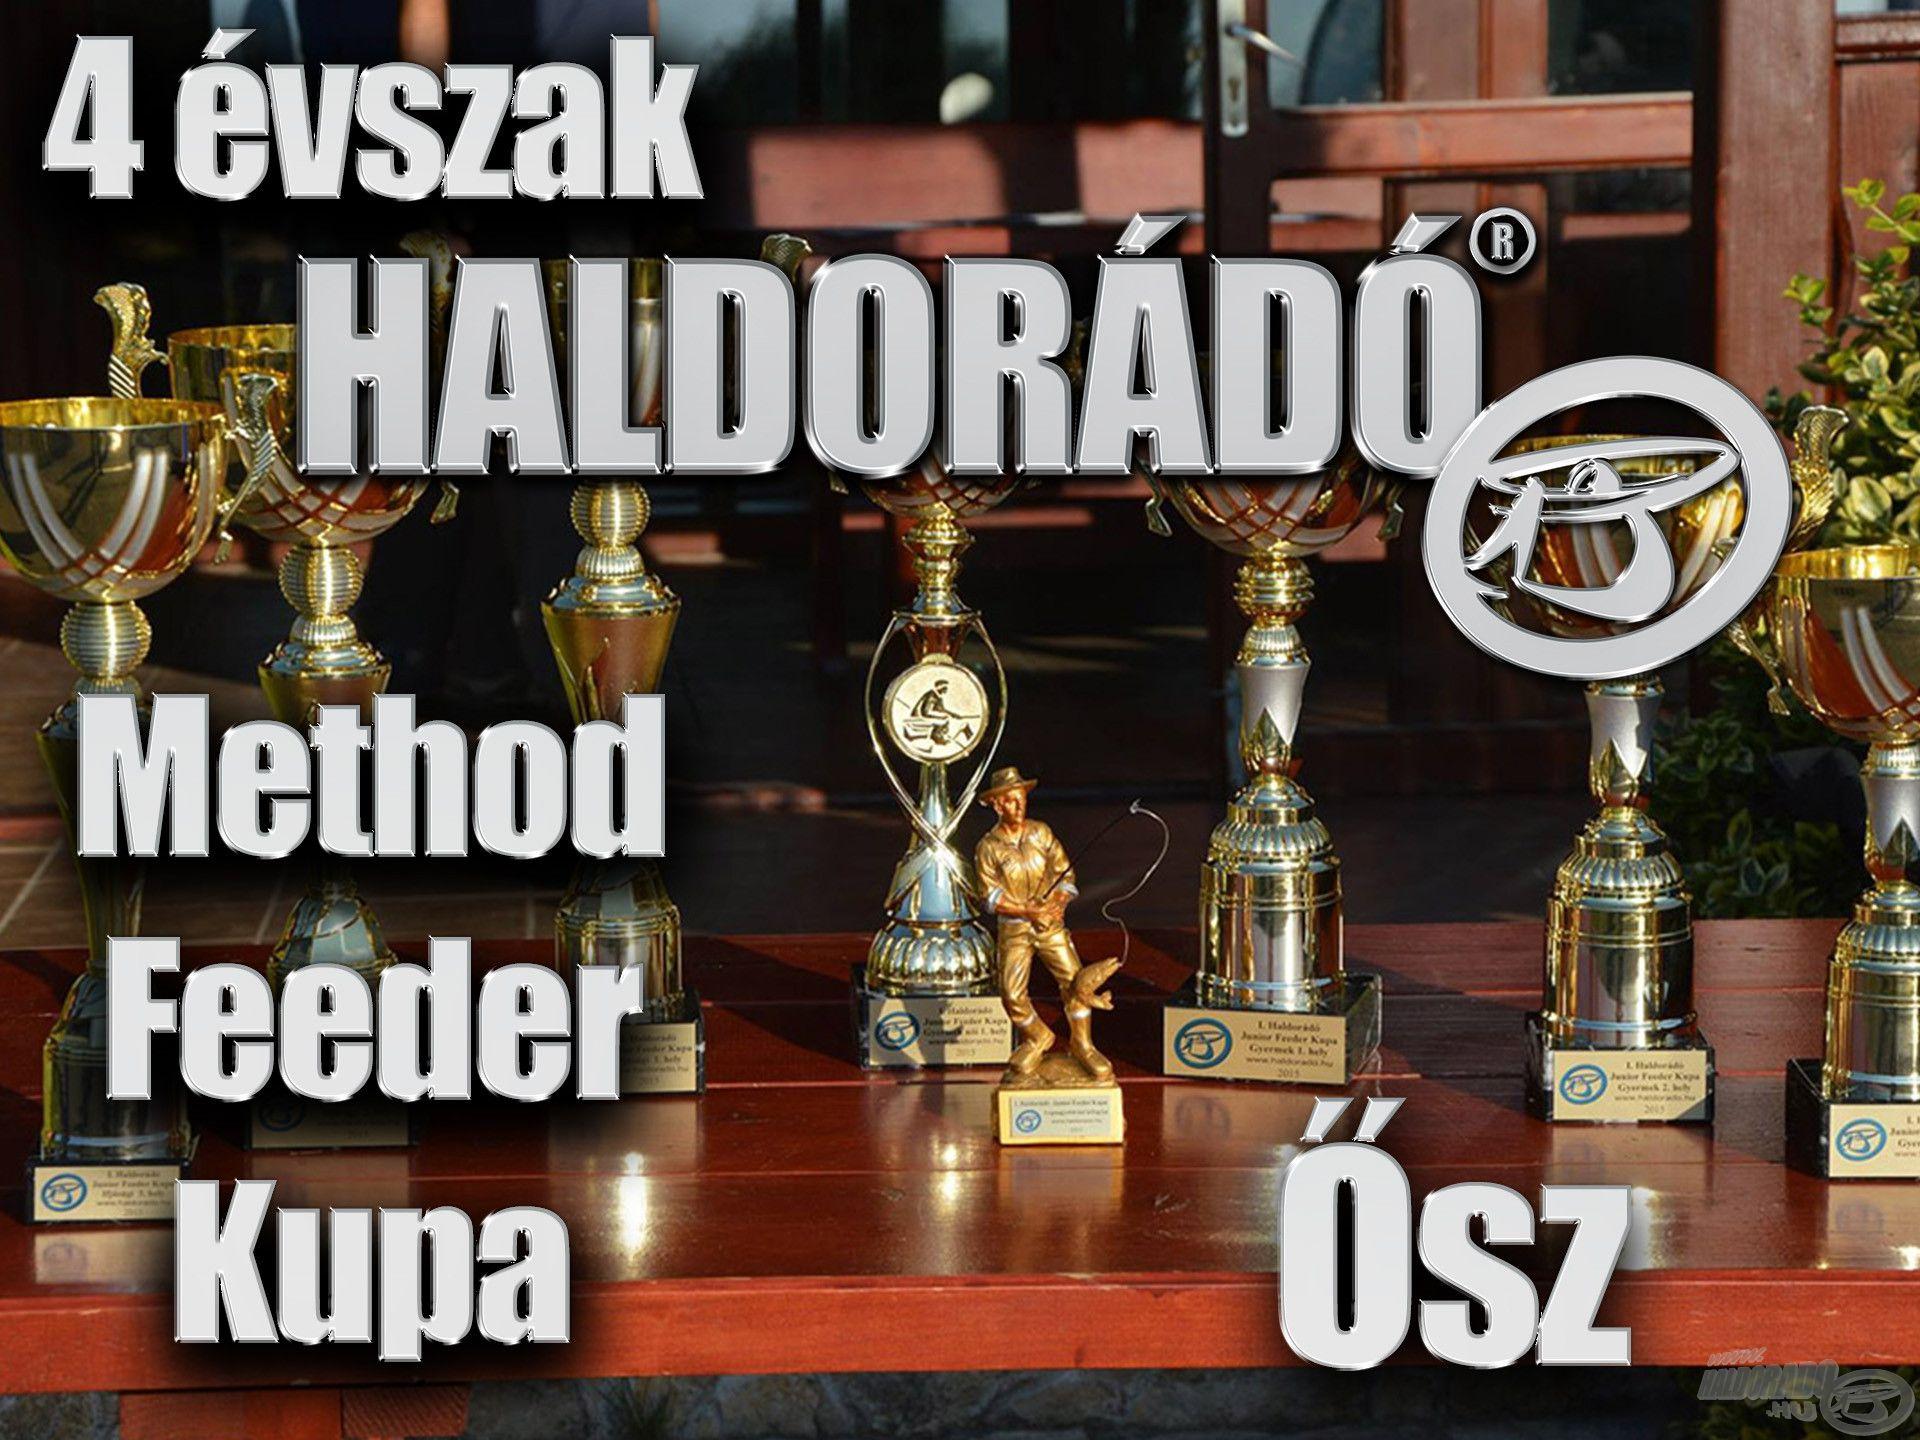 4 évszak Haldorádó Method Feeder Kupa 2019 versenysorozat kiírás – Ősz